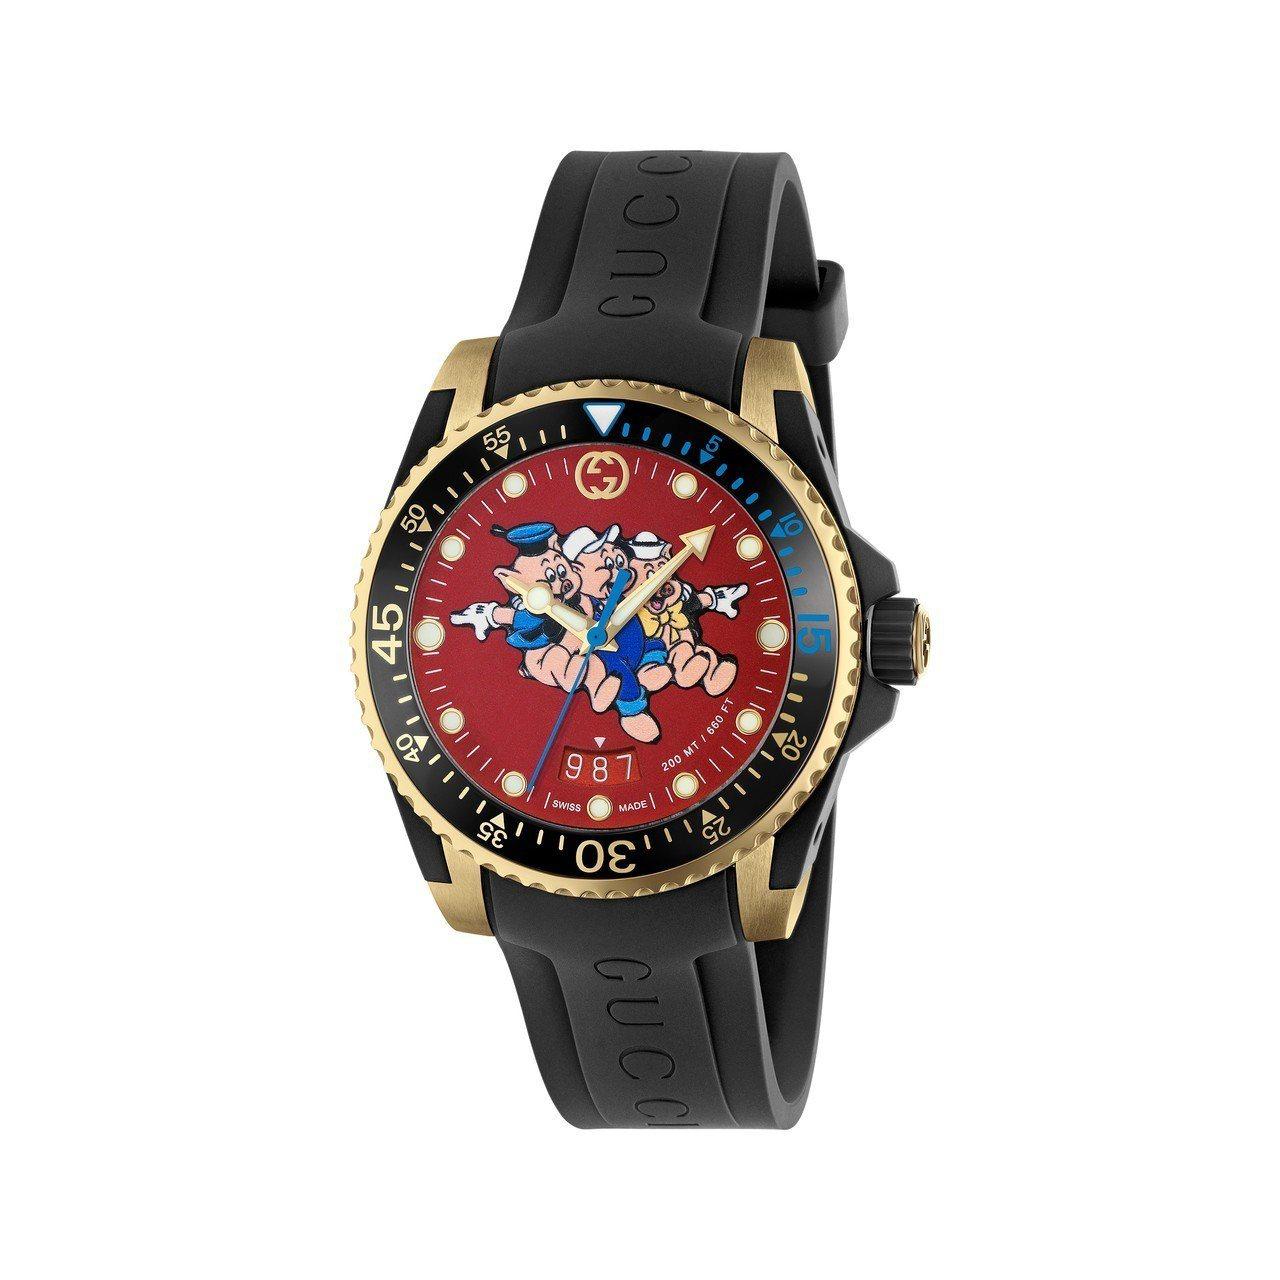 春節限定系列-三隻小豬腕表,51,000元。圖/Gucci提供